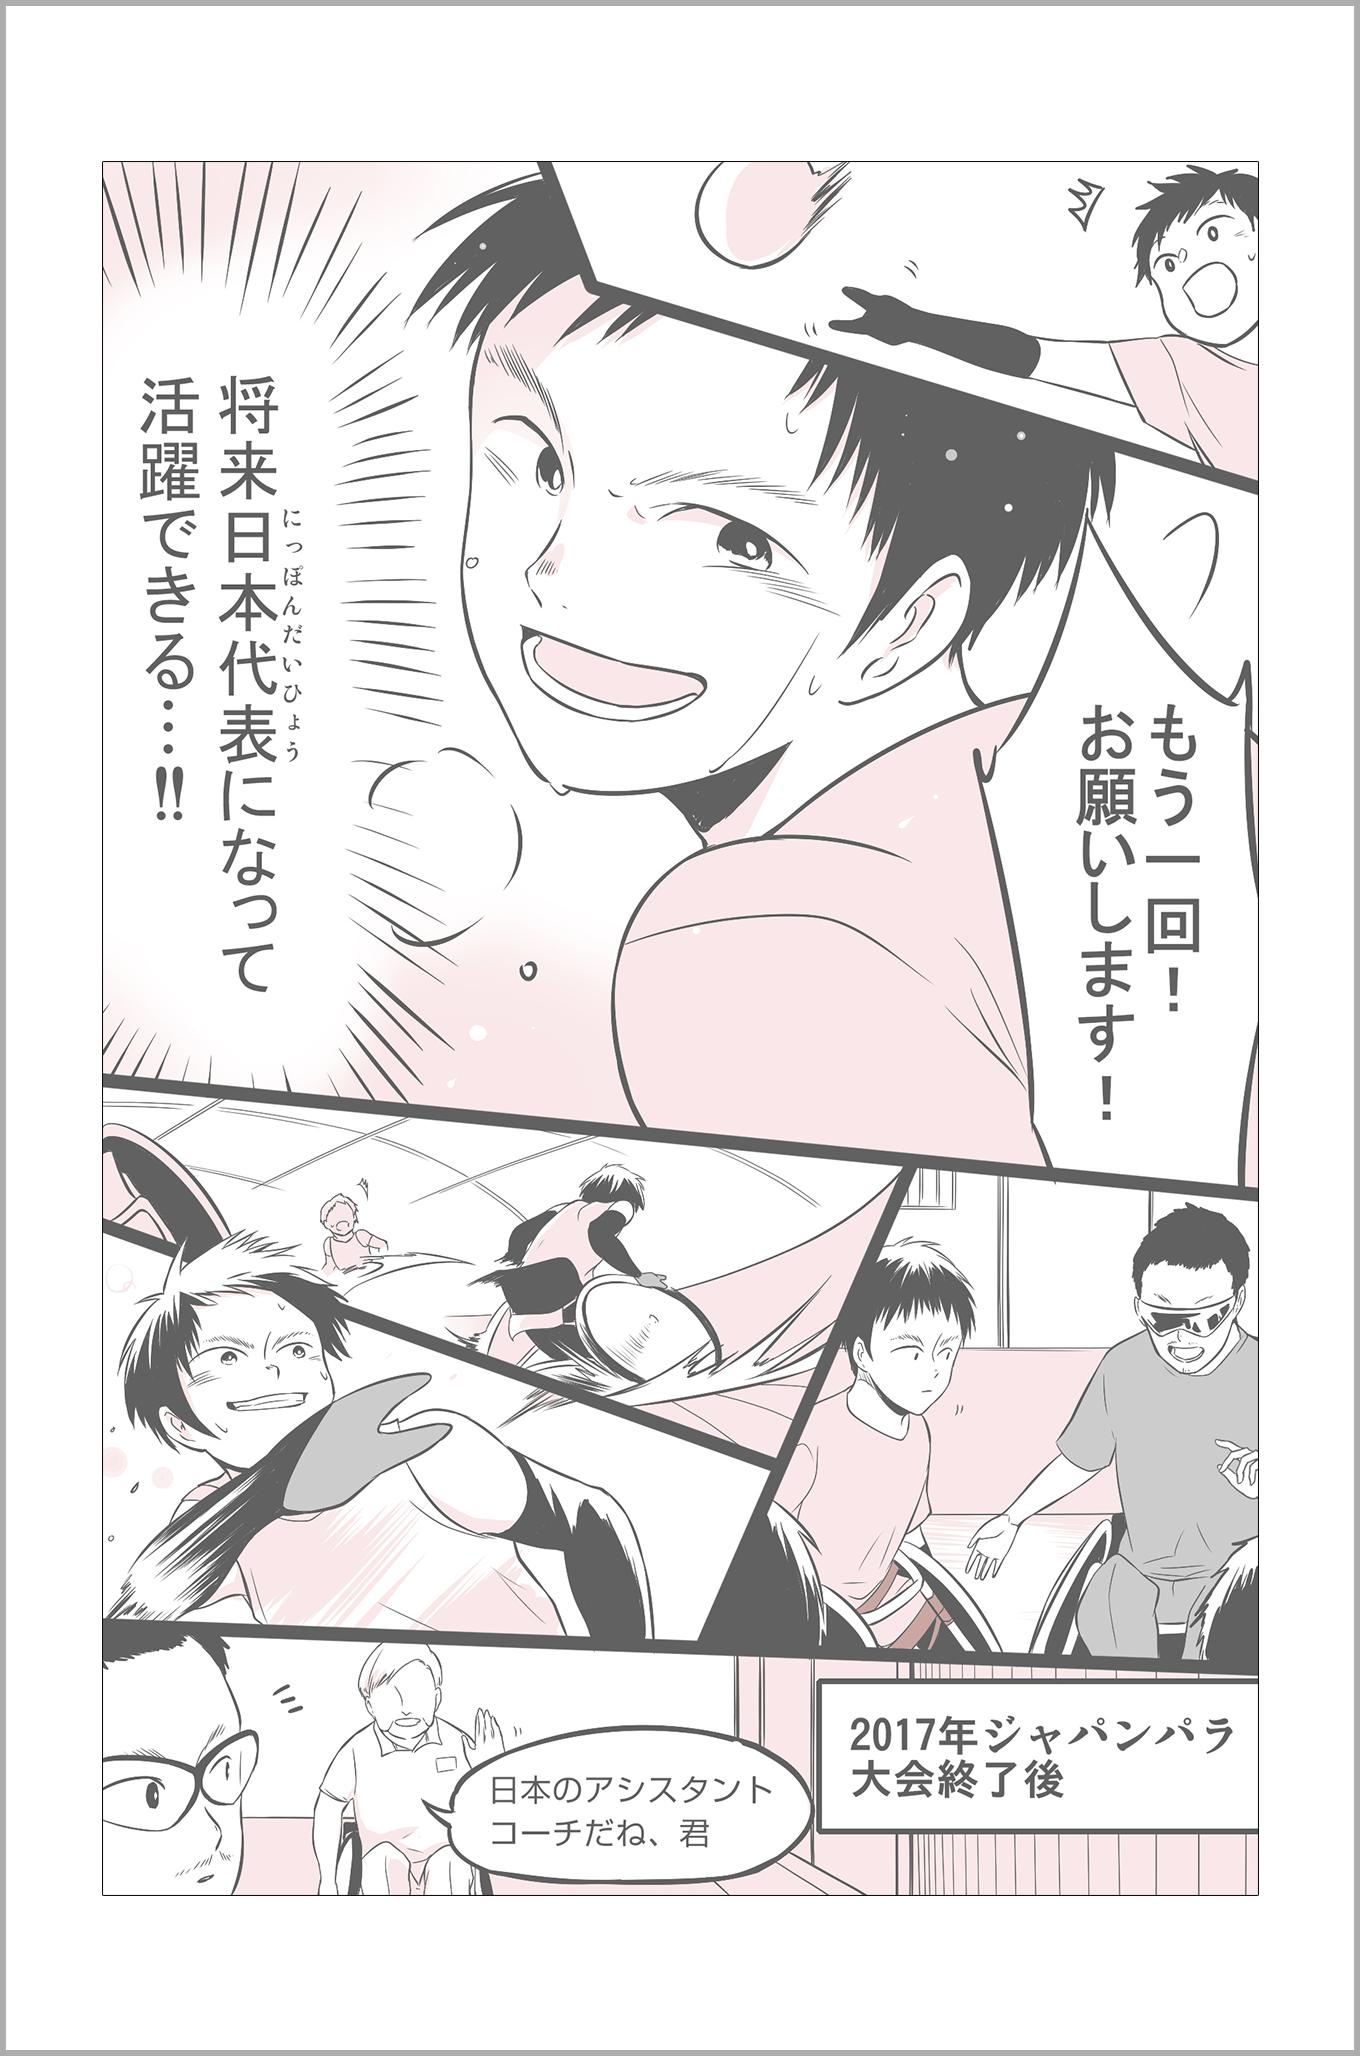 橋本君:もう一回!お願いします!三阪さん:将来、日本代表になって活躍できる…!2017年ジャパンパラ大会終了後、日本のアシスタントコーチだね、君